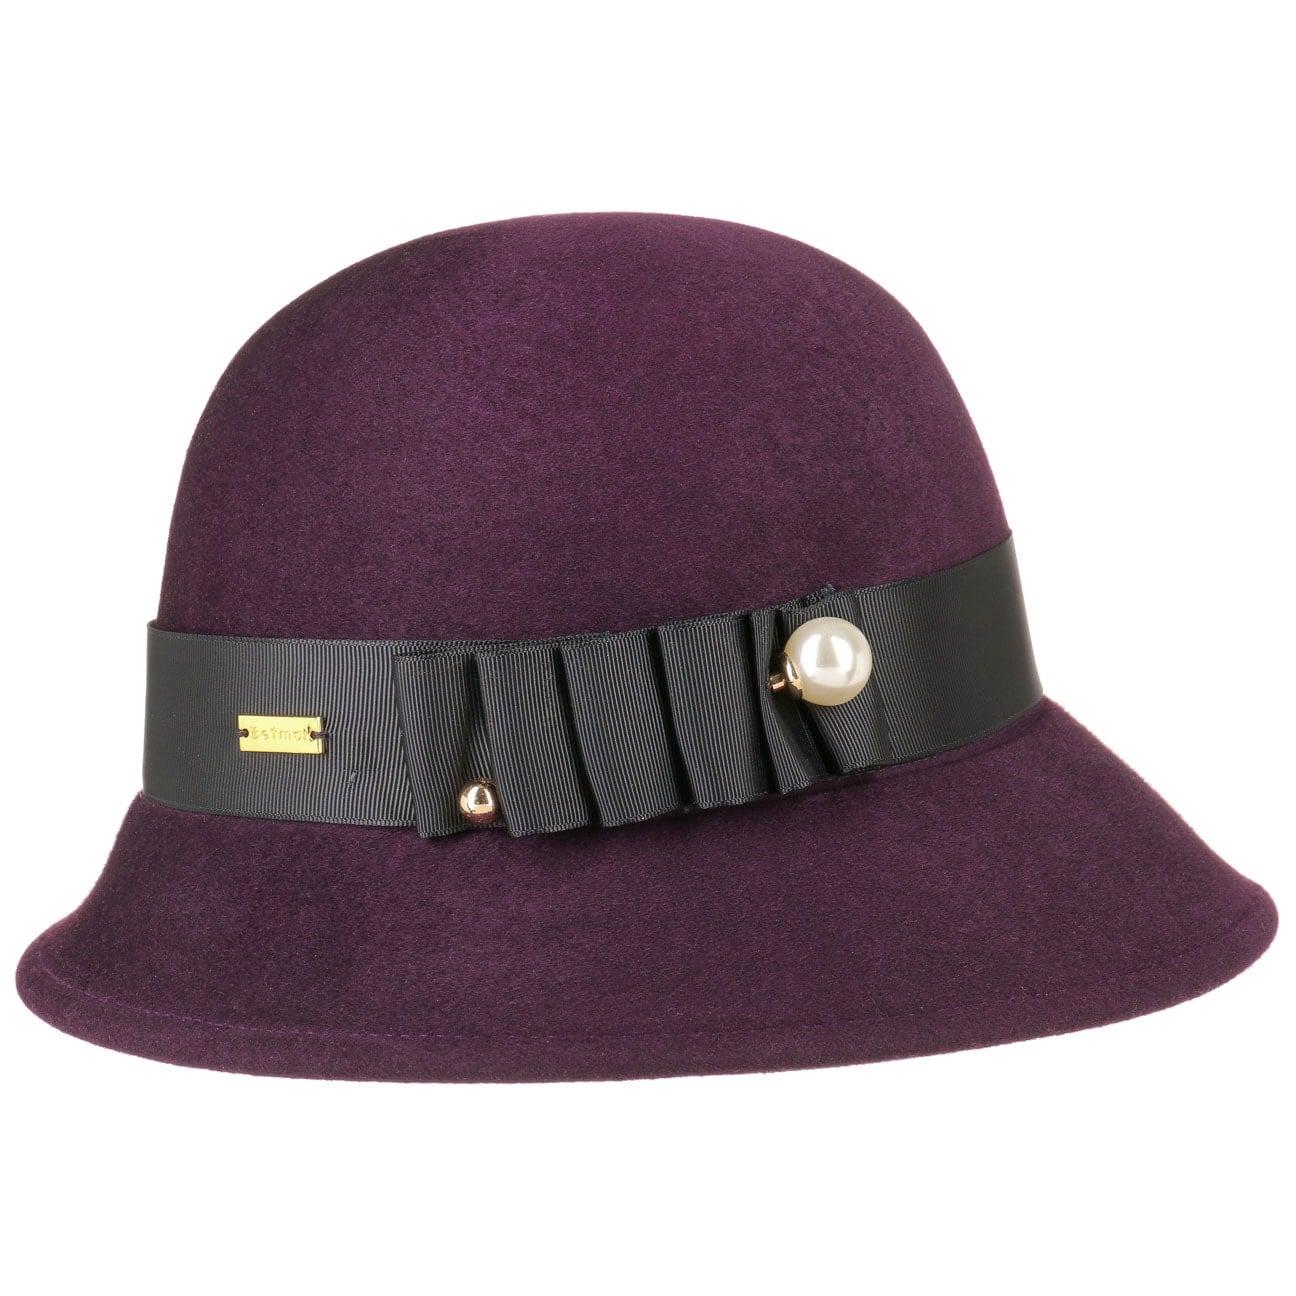 Chapeau Cloche pour Femme Cassat by Betmar  chapeau cloche en feutre